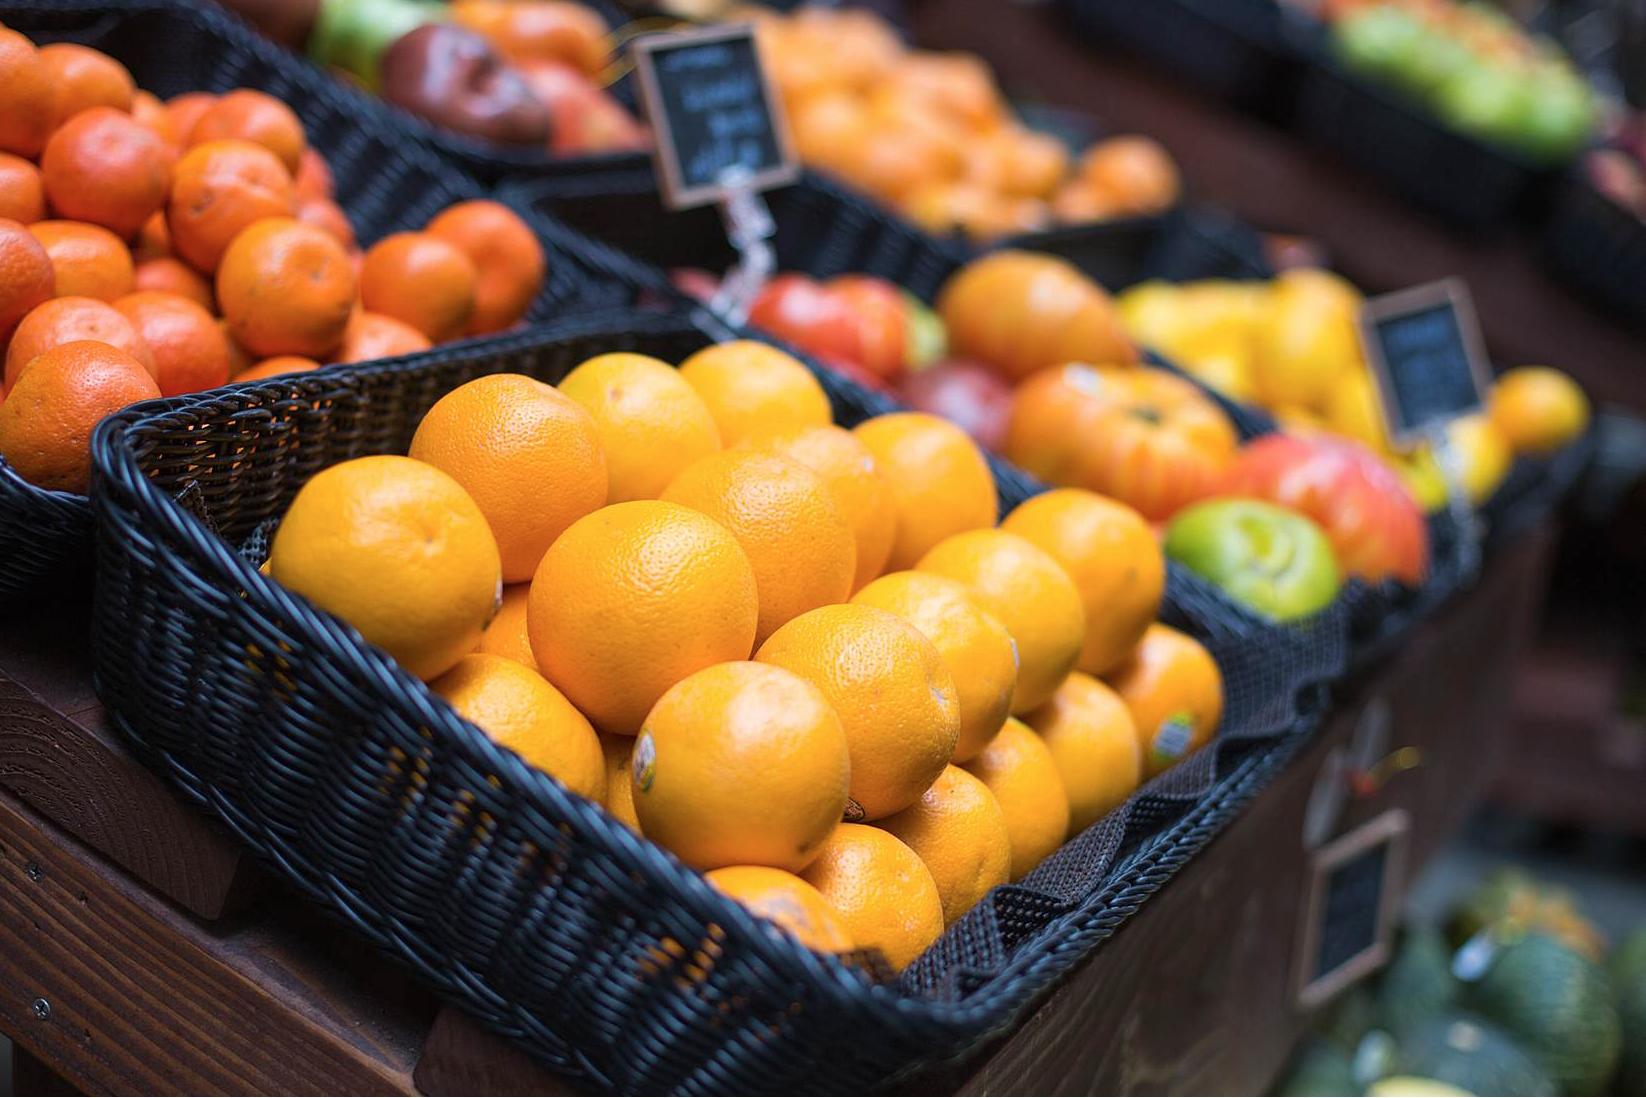 étalages légumes vrac en vert Saint-Etienne épicerie bio